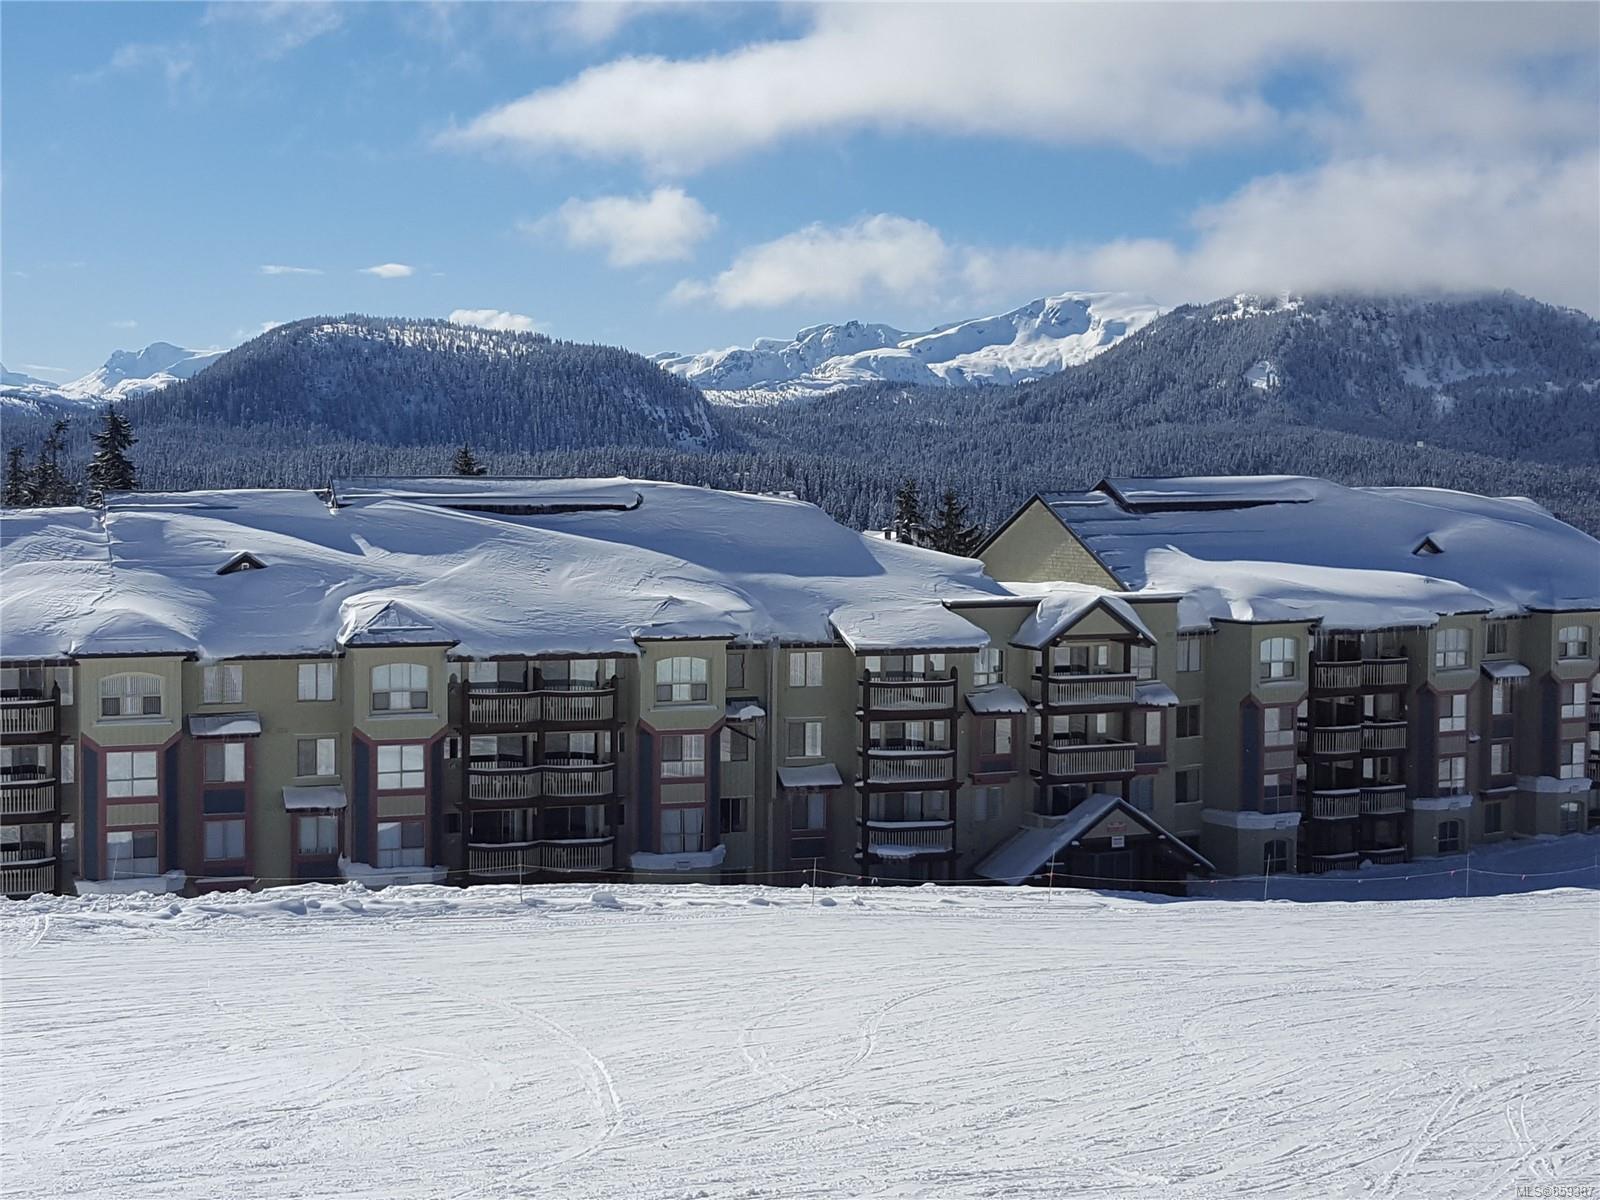 Main Photo: 407 1290 Alpine Rd in : CV Mt Washington Condo for sale (Comox Valley)  : MLS®# 859387